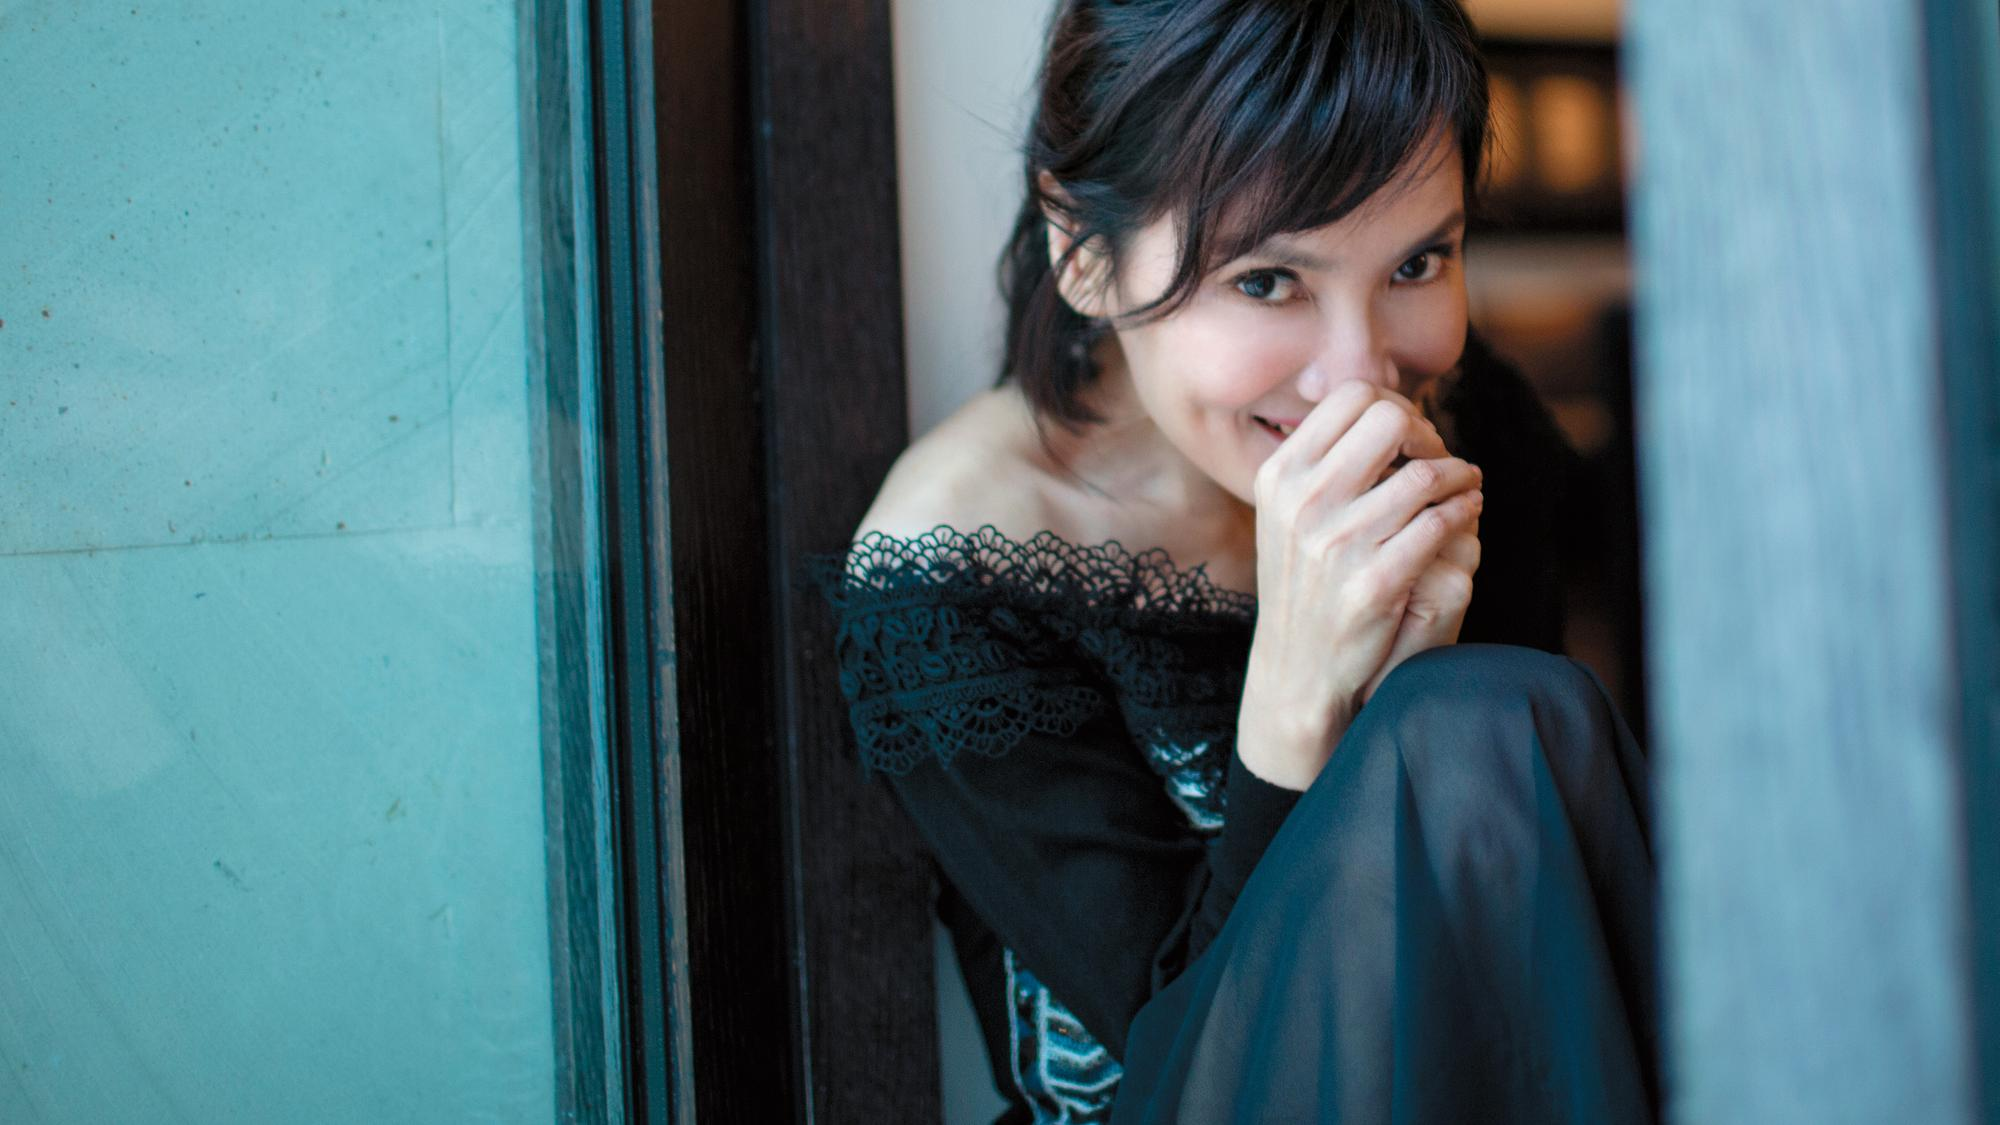 Shiang-chyi Chen nude 212